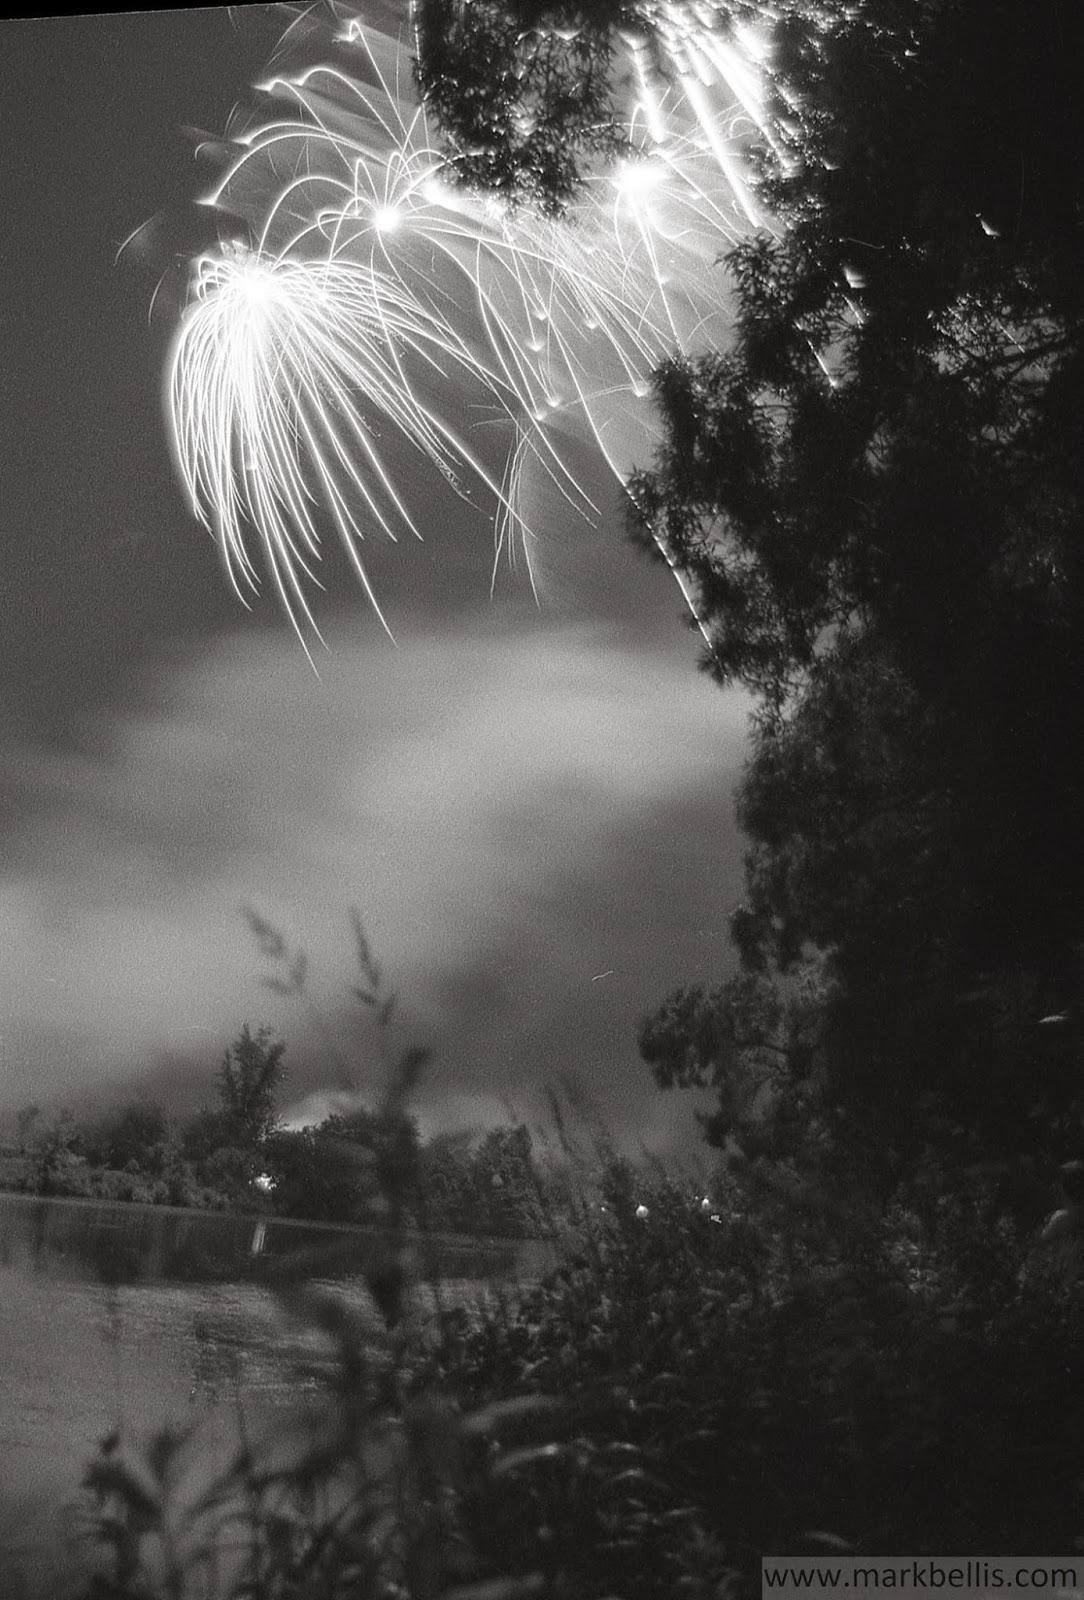 Mark Bellis: Black and white fireworks, c. 1993/1994